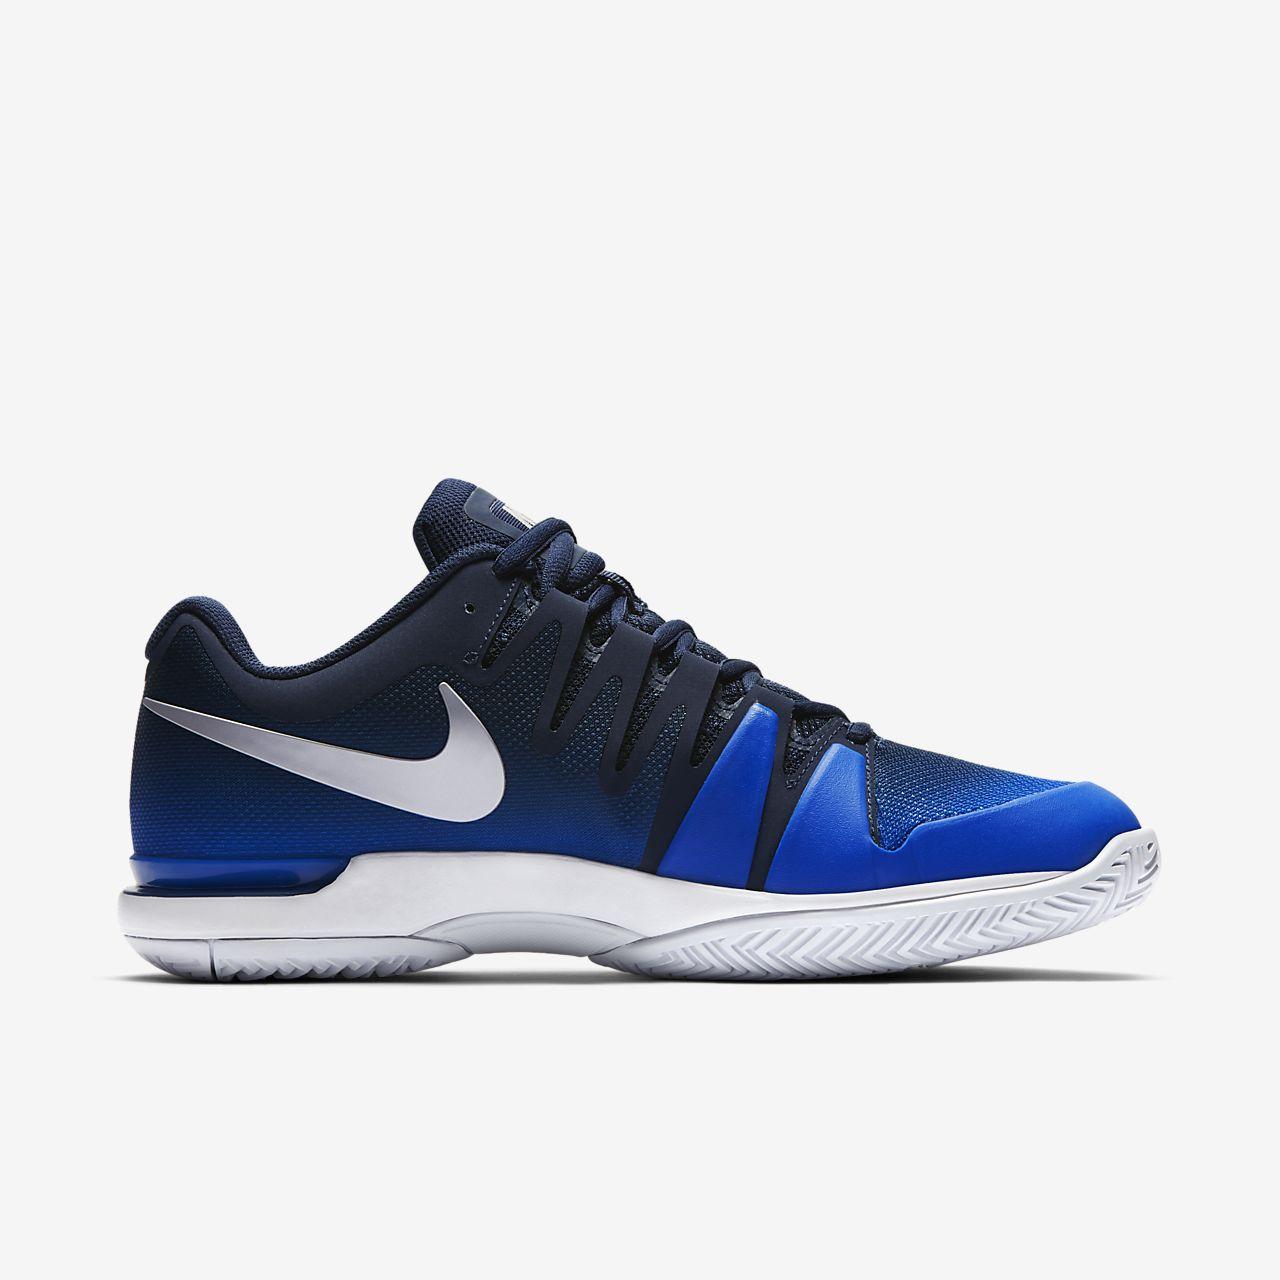 Cheap Tennis Shoes Sydney